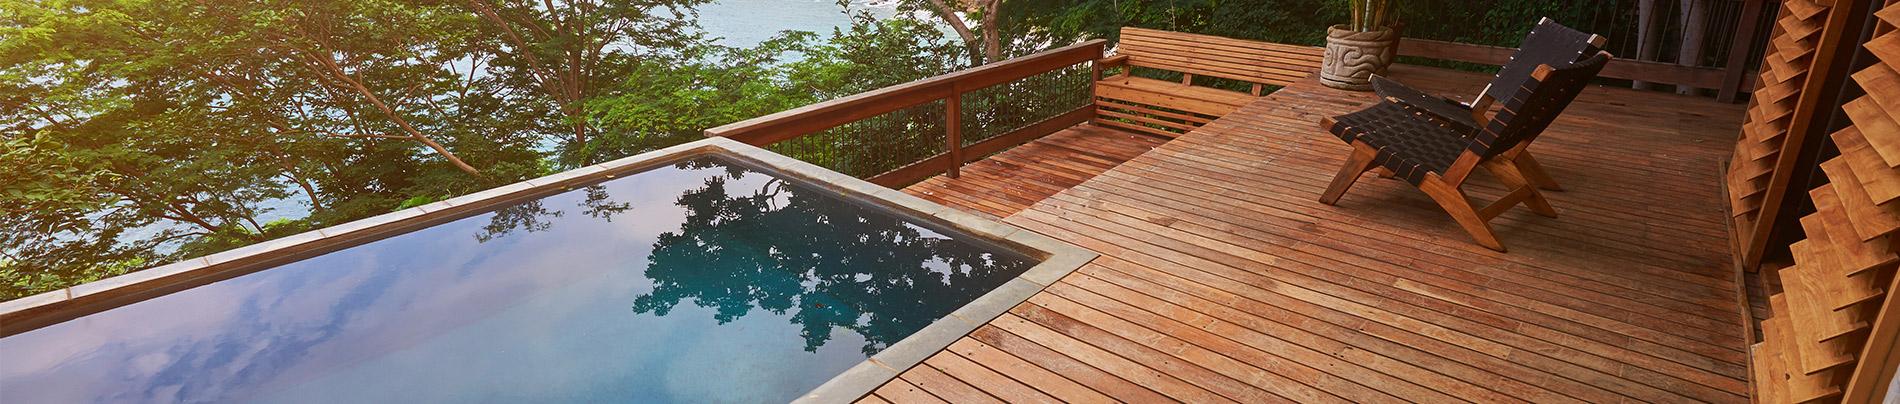 terrasse sur pilotis jacky terrasse en bois comment construire votre guide. Black Bedroom Furniture Sets. Home Design Ideas